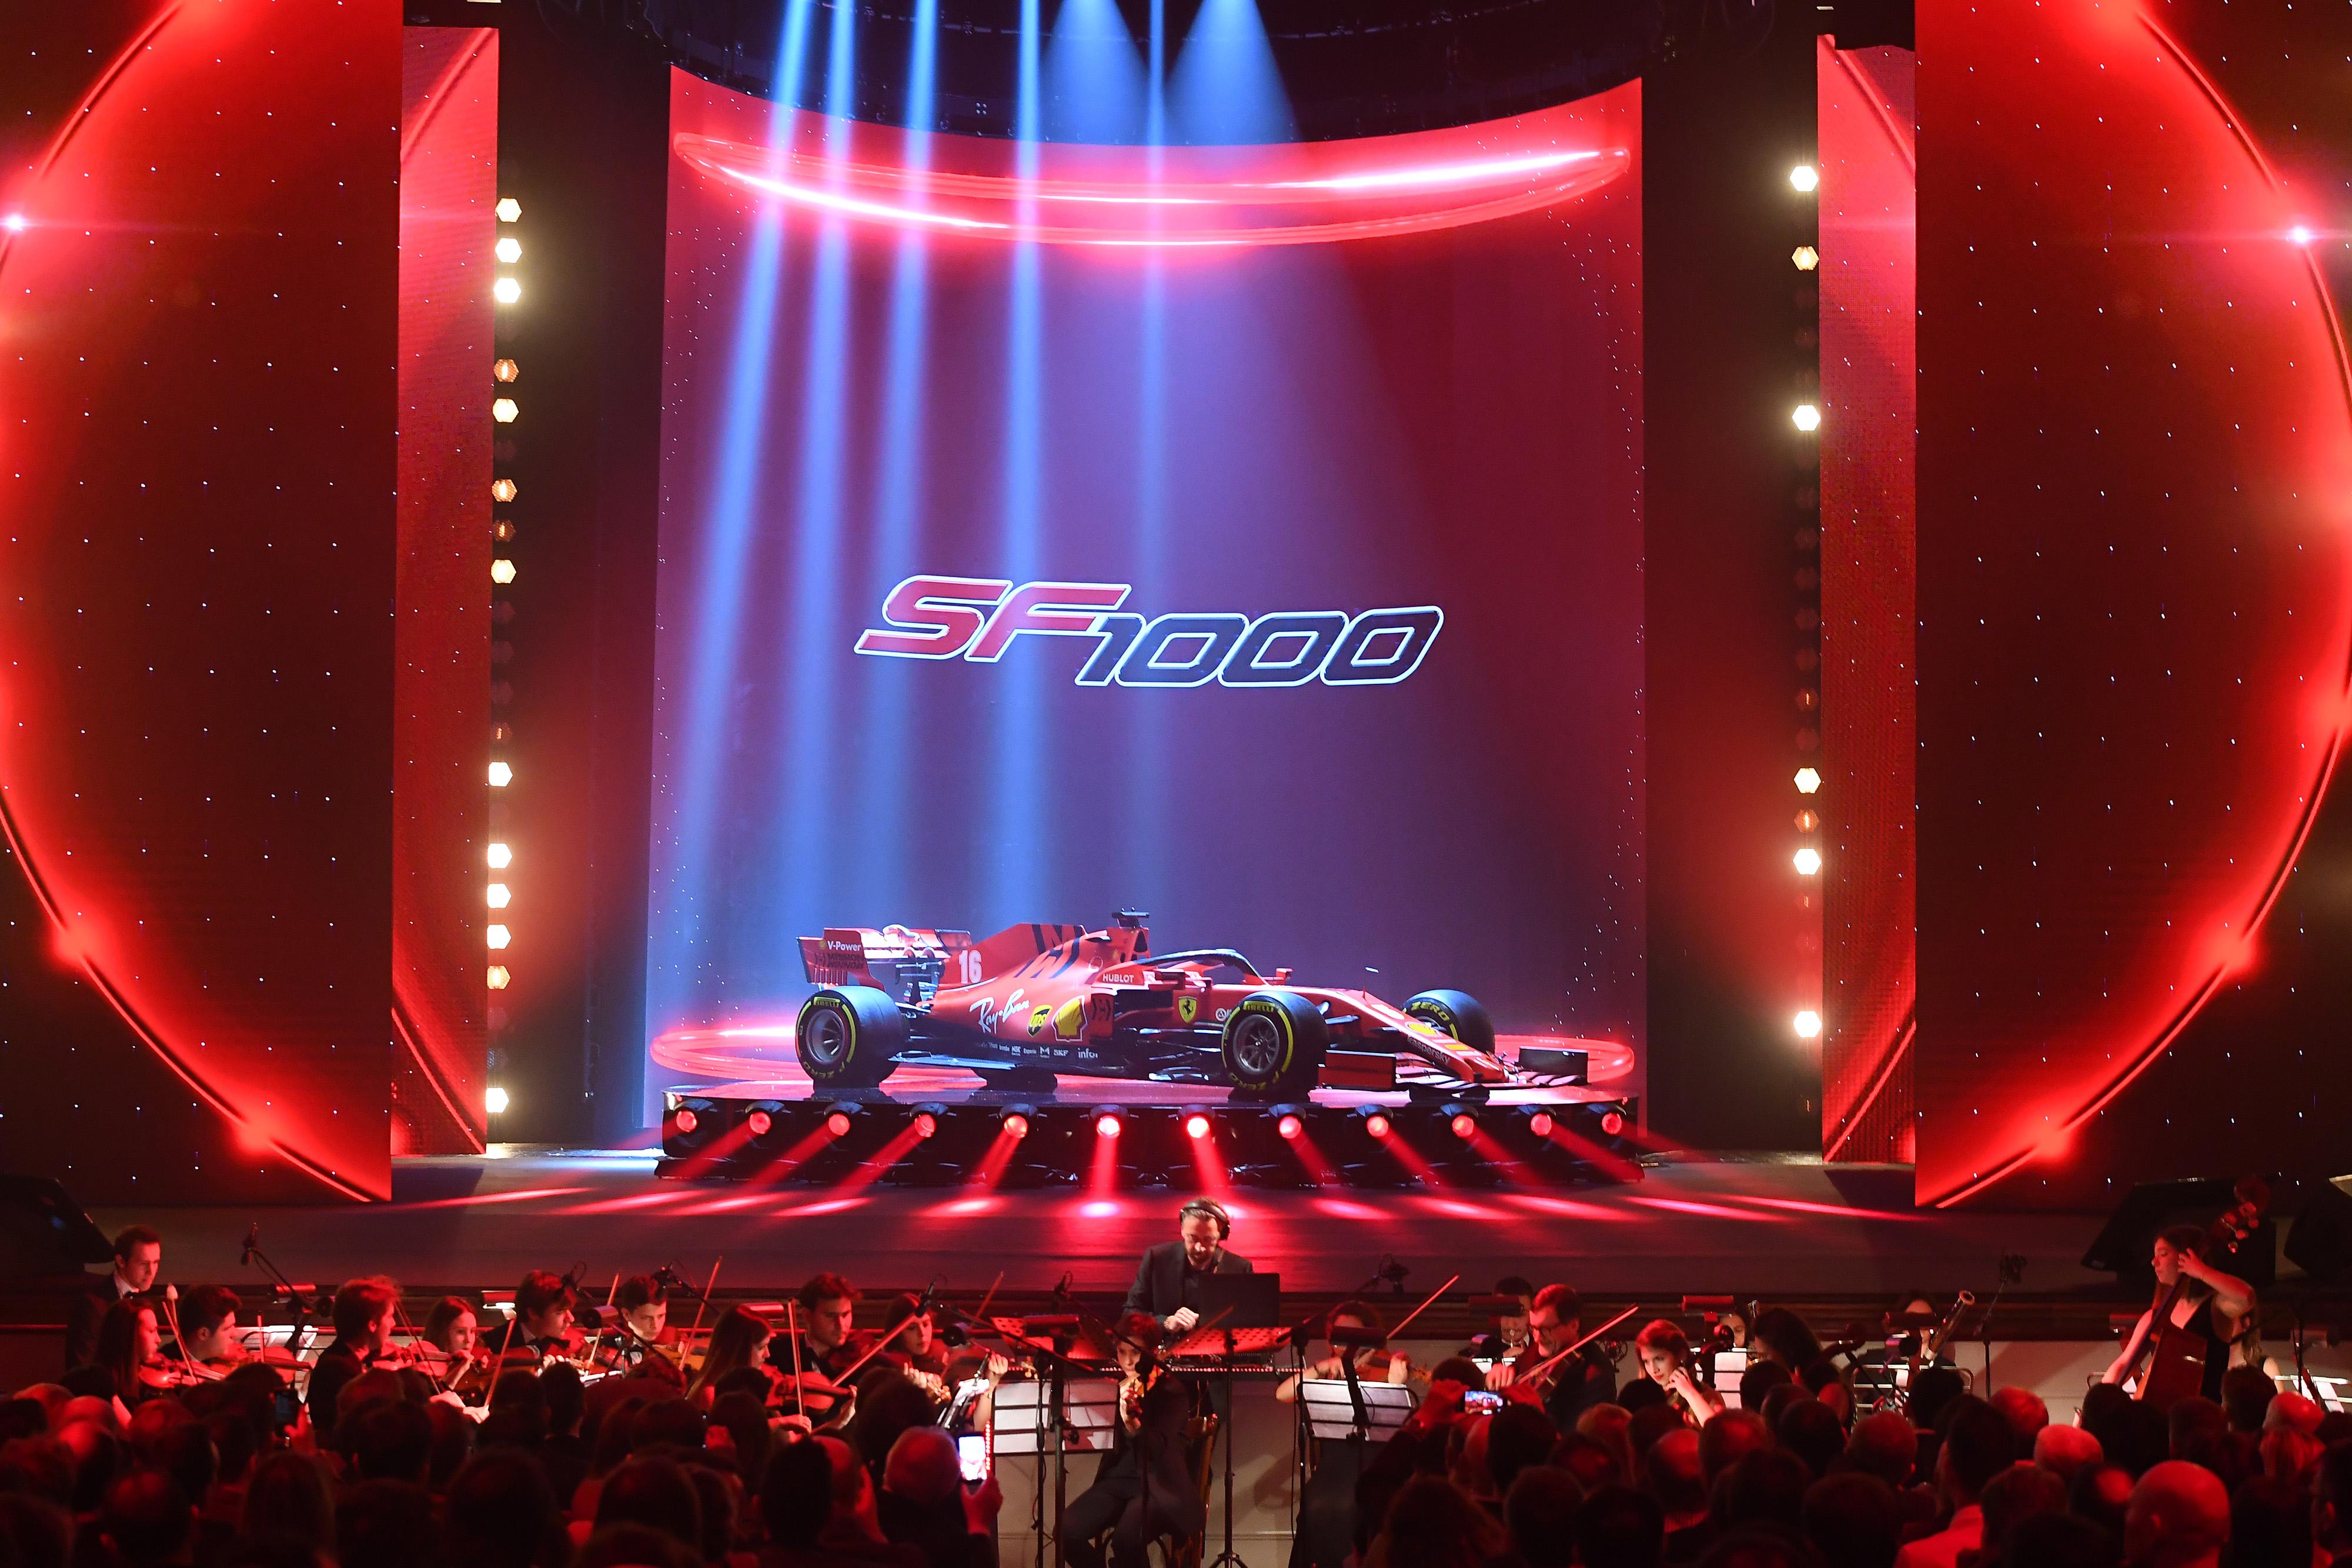 A Reggio Emilia, presso il Teatro Municipale Romolo Valli, è stata presentata la nuova Ferrari SF1000 che correrà nella stagione 2020 di F1. Costruita interamente a Maranello, la Ferrari SF1000 è stata presentata,in una serata di gala, dal Team principal della scuderia Mattia Binotto